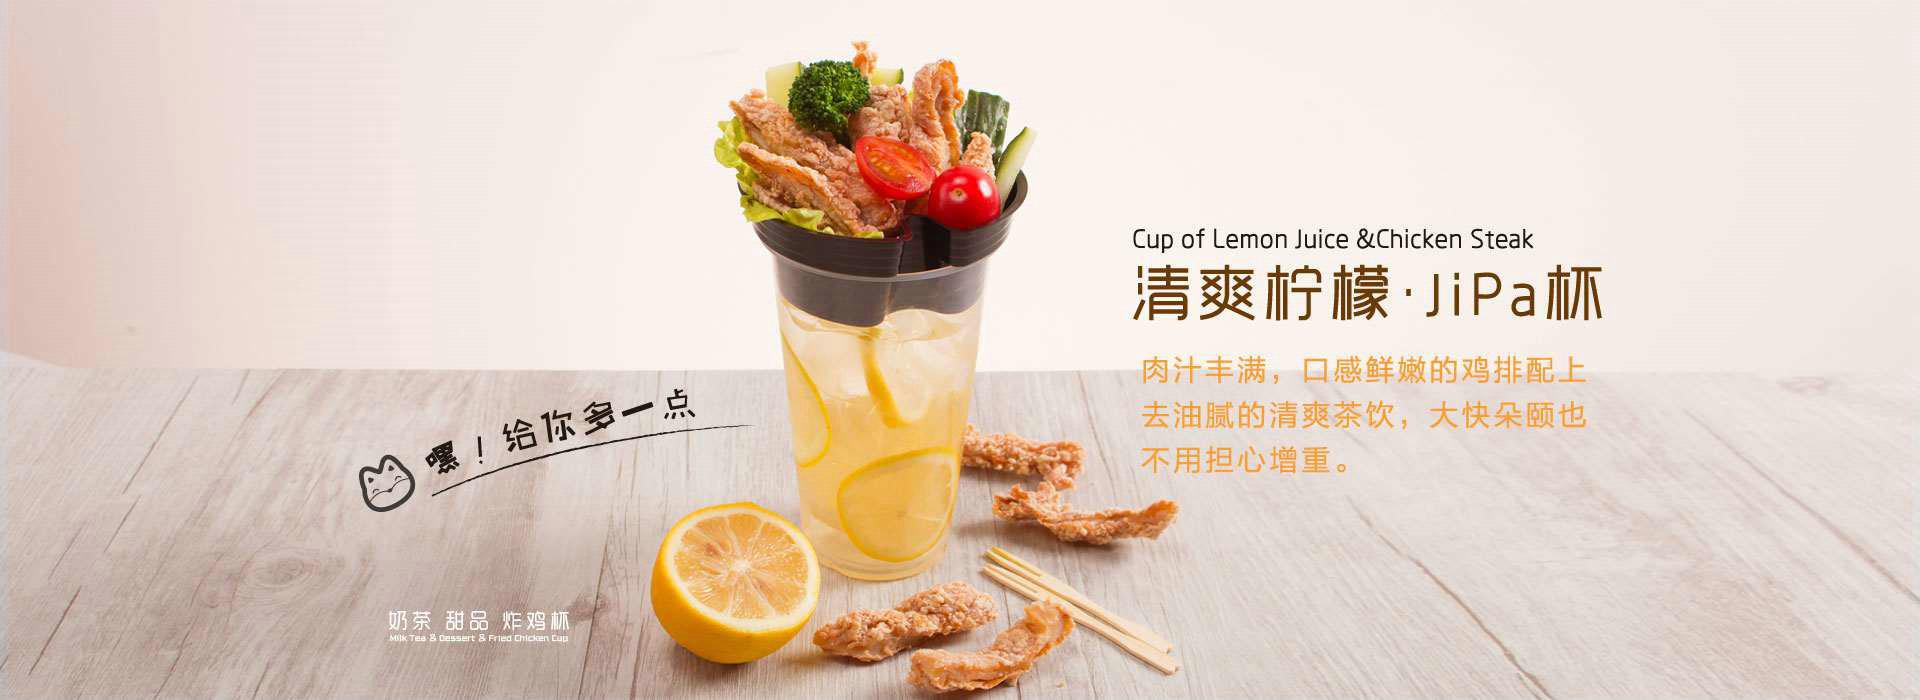 黑玉清爽柠檬鸡扒杯